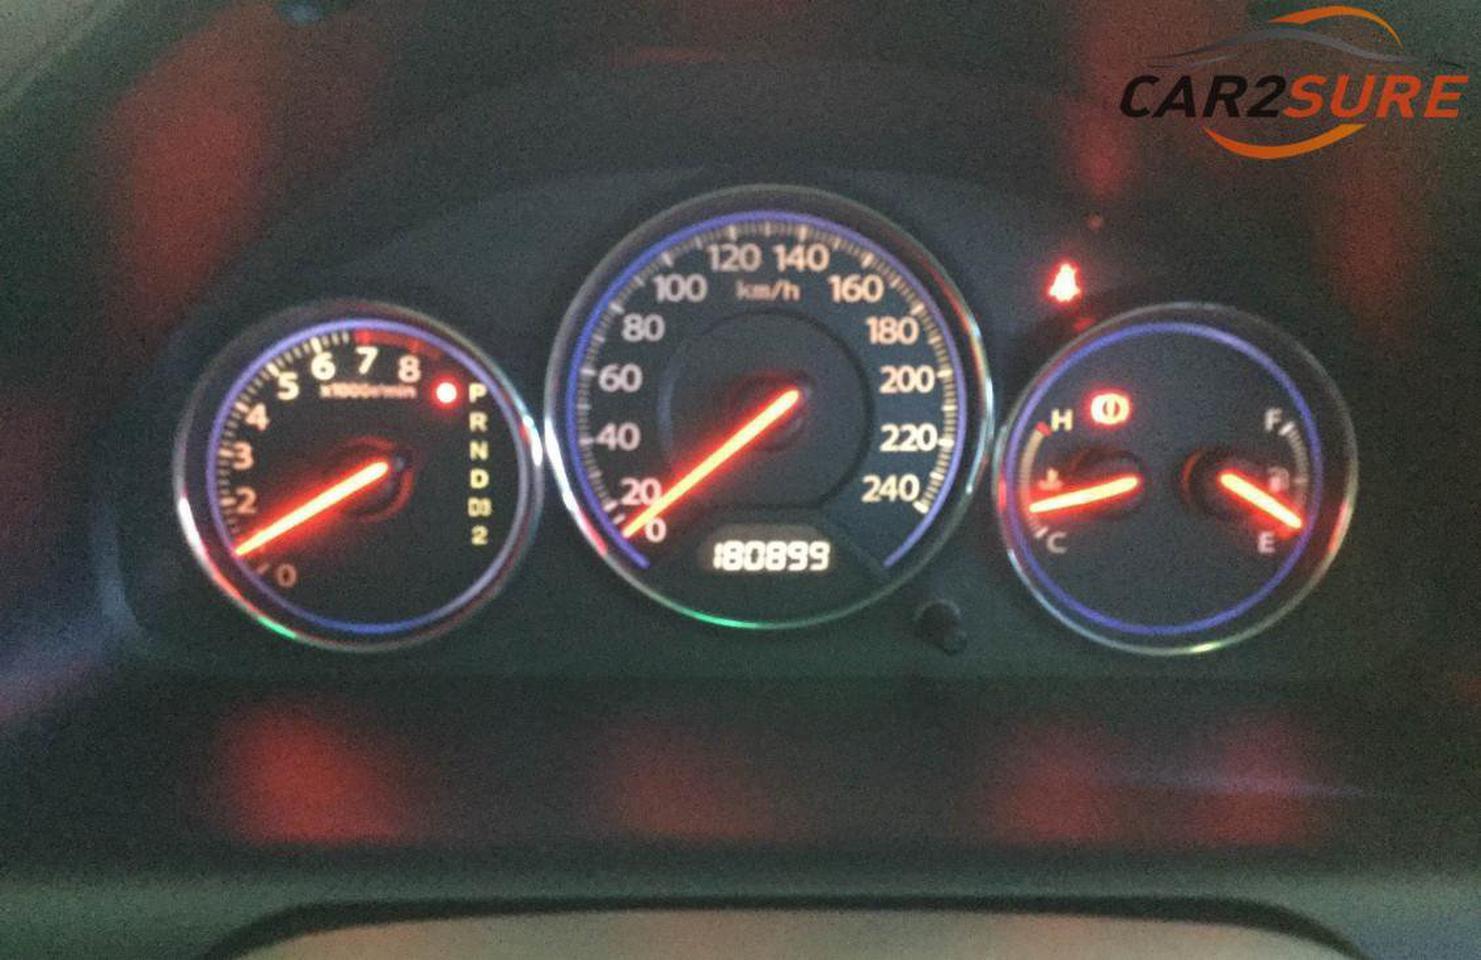 Honda civic car2sure.5) รูปที่ 5